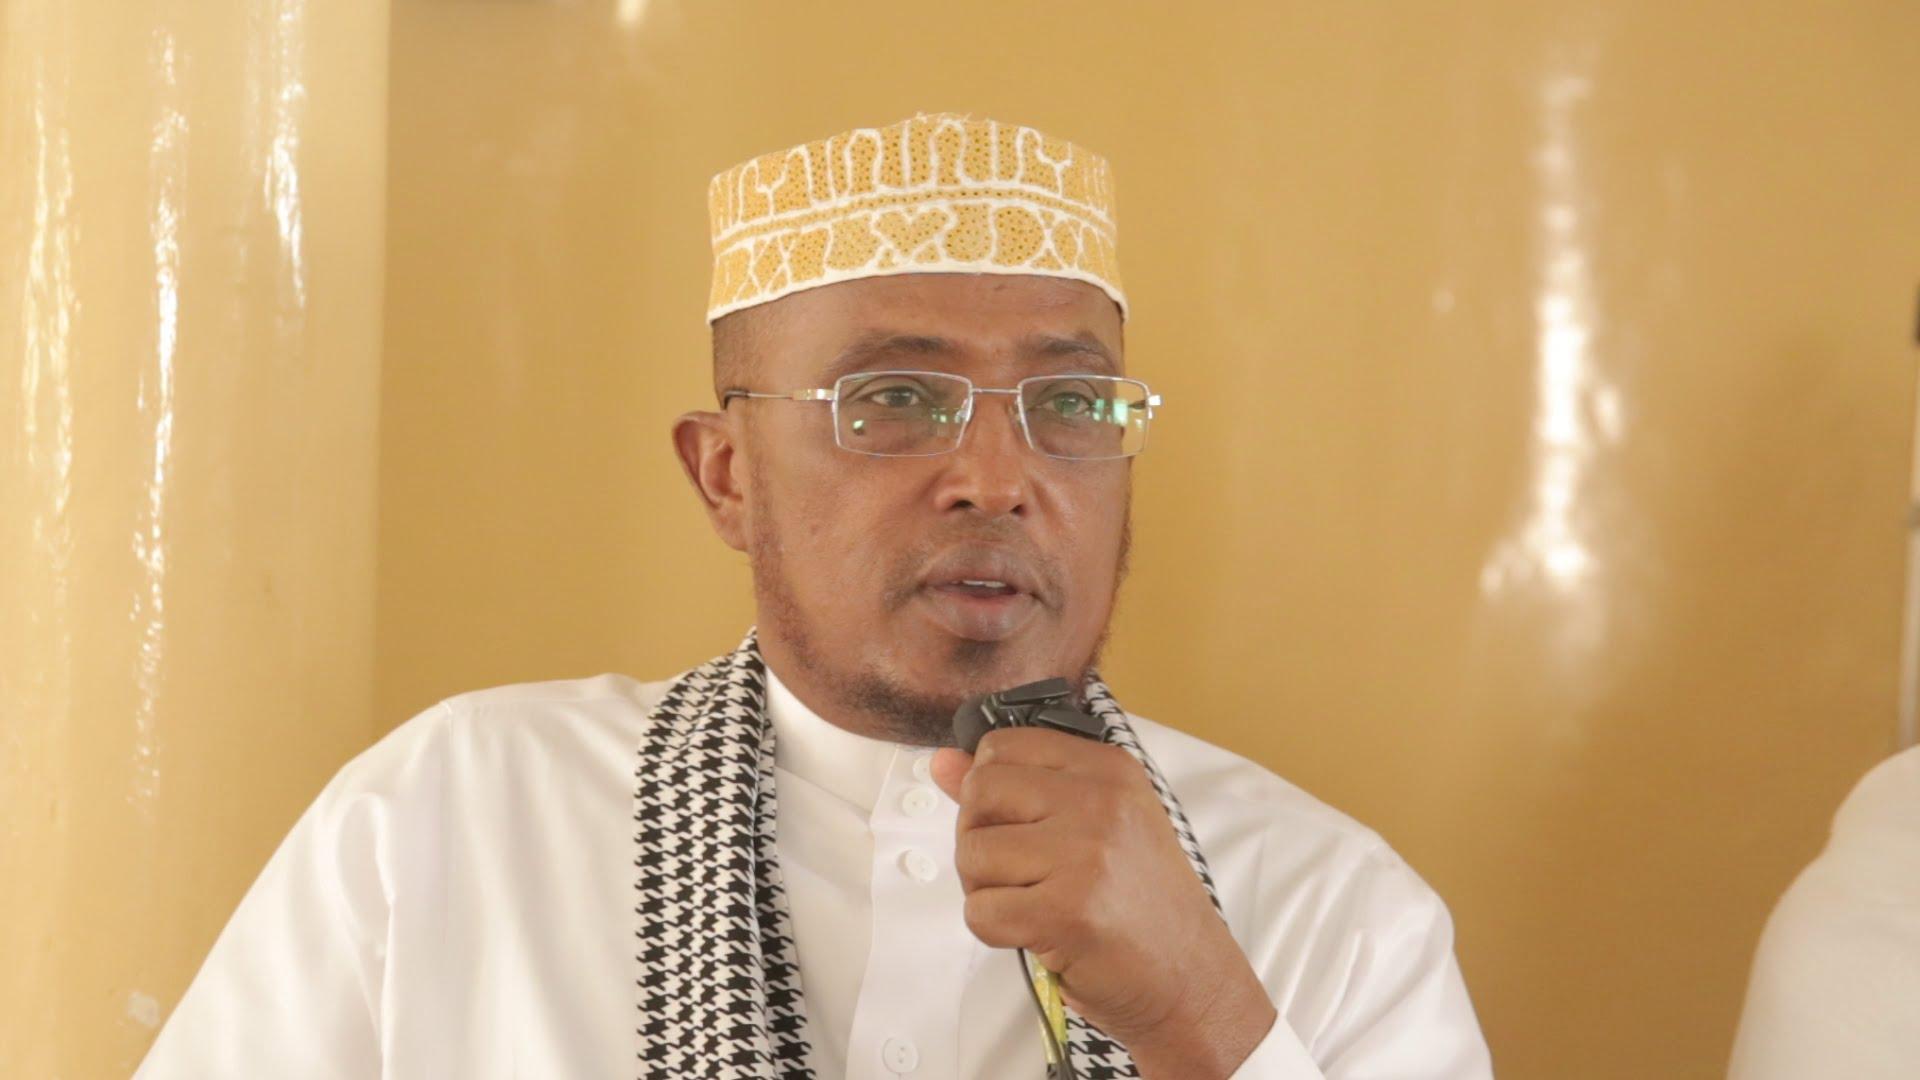 Daawo:Sheekh Maxamed Sheekh Cumar Dirir Oo Ku Baaqay In Dadka Abaaruhu Saameeyn Loo Gurmado